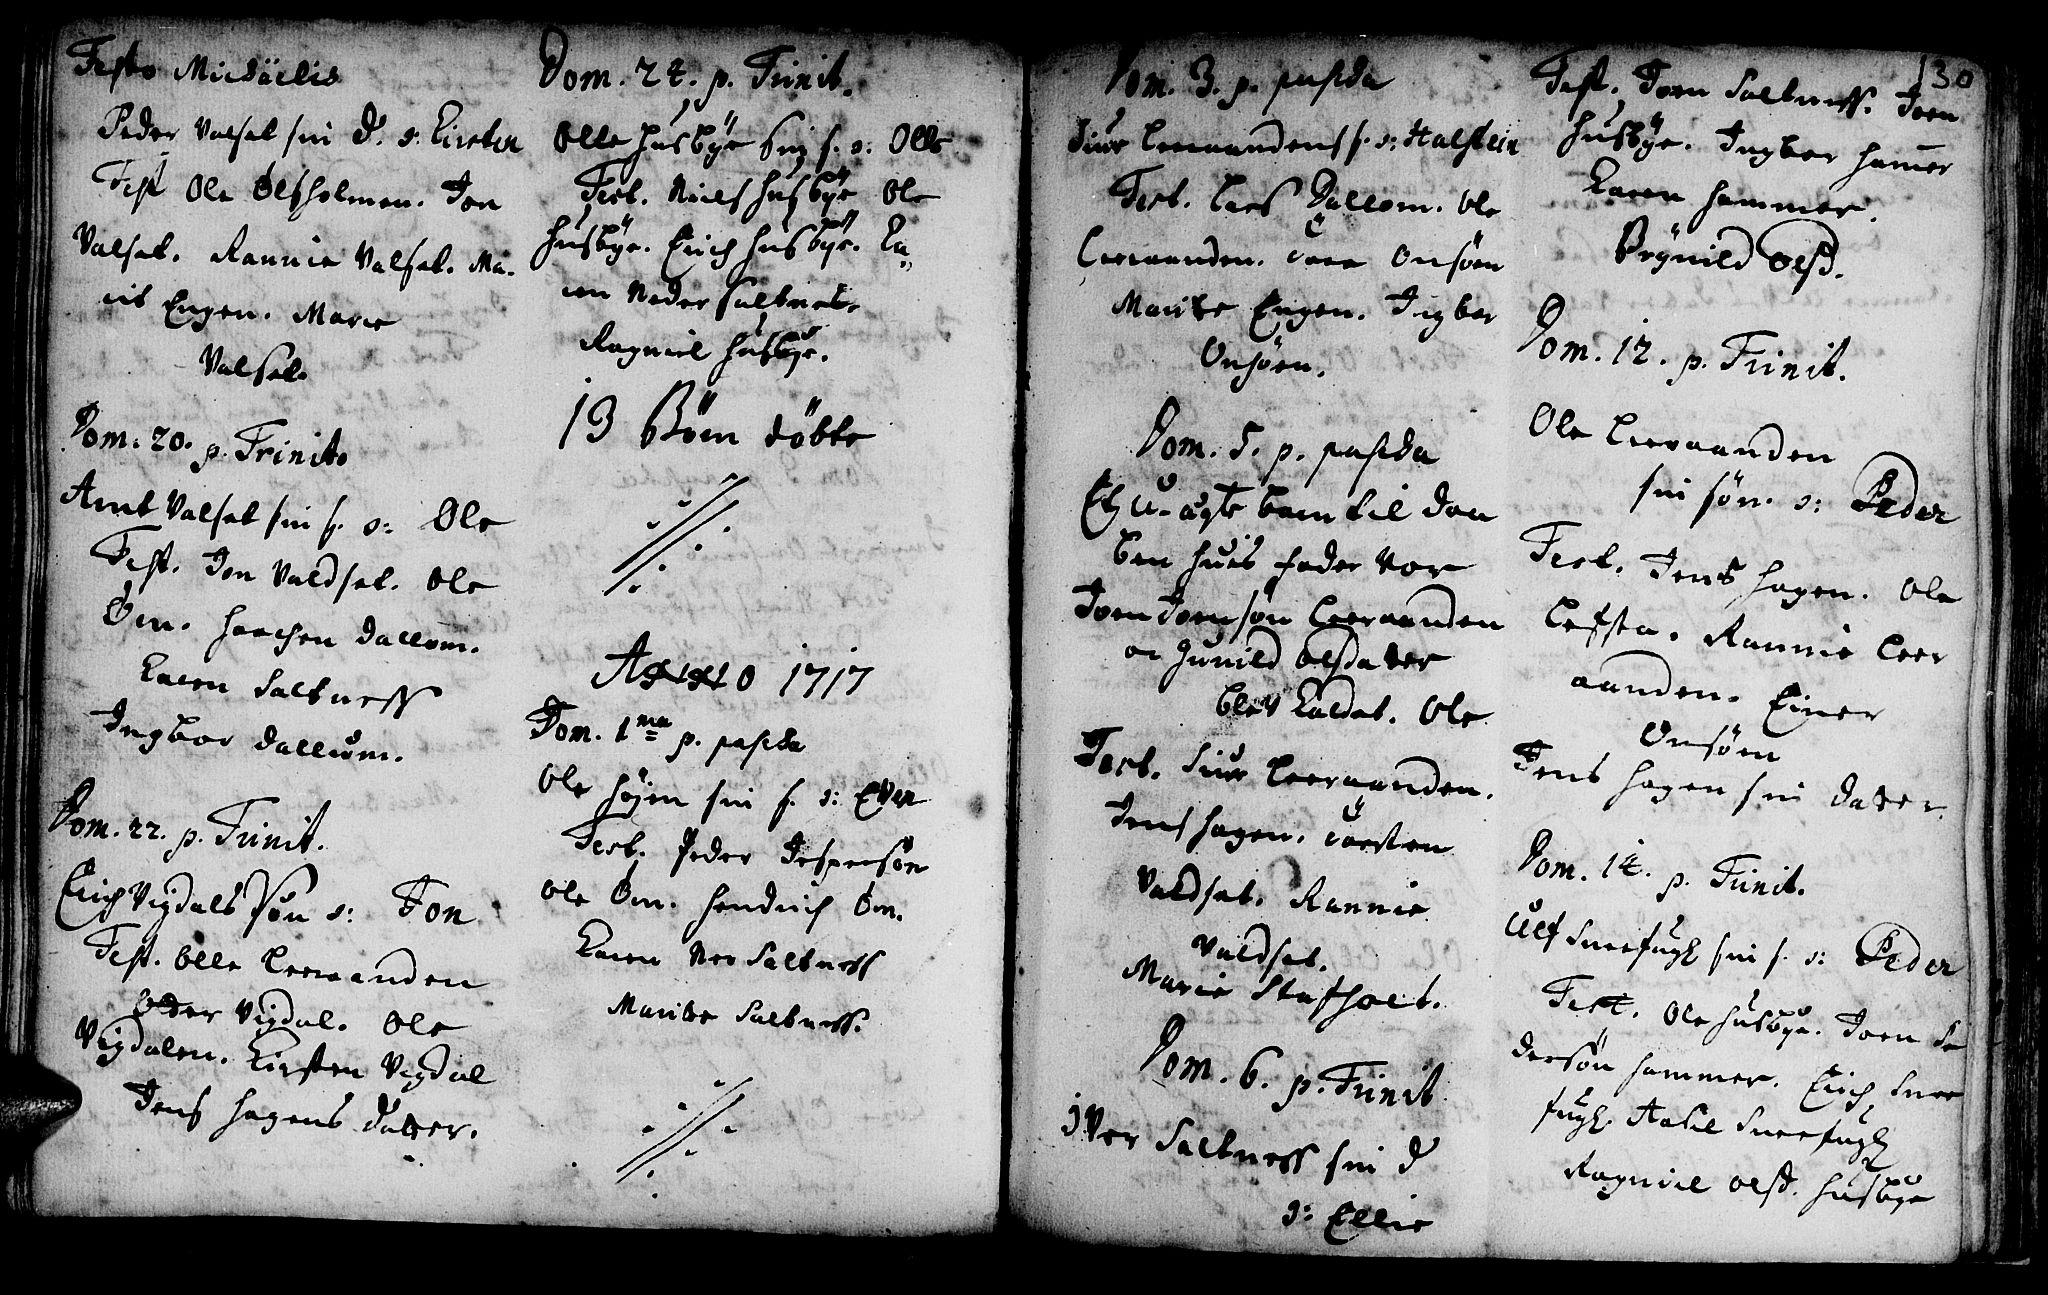 SAT, Ministerialprotokoller, klokkerbøker og fødselsregistre - Sør-Trøndelag, 666/L0783: Ministerialbok nr. 666A01, 1702-1753, s. 130